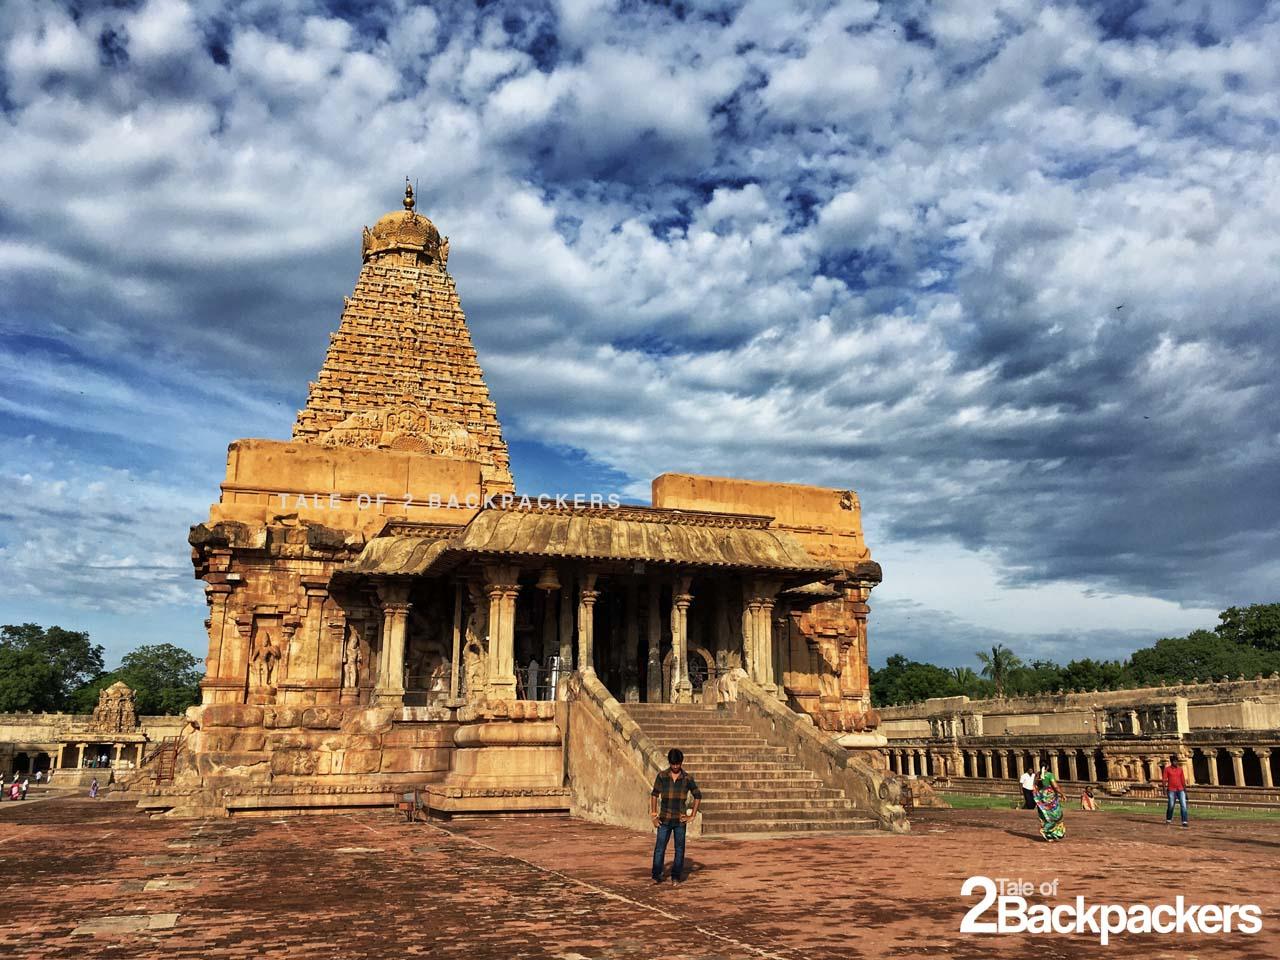 Entrance of the Brihadeshwara Temple of Thanjavur